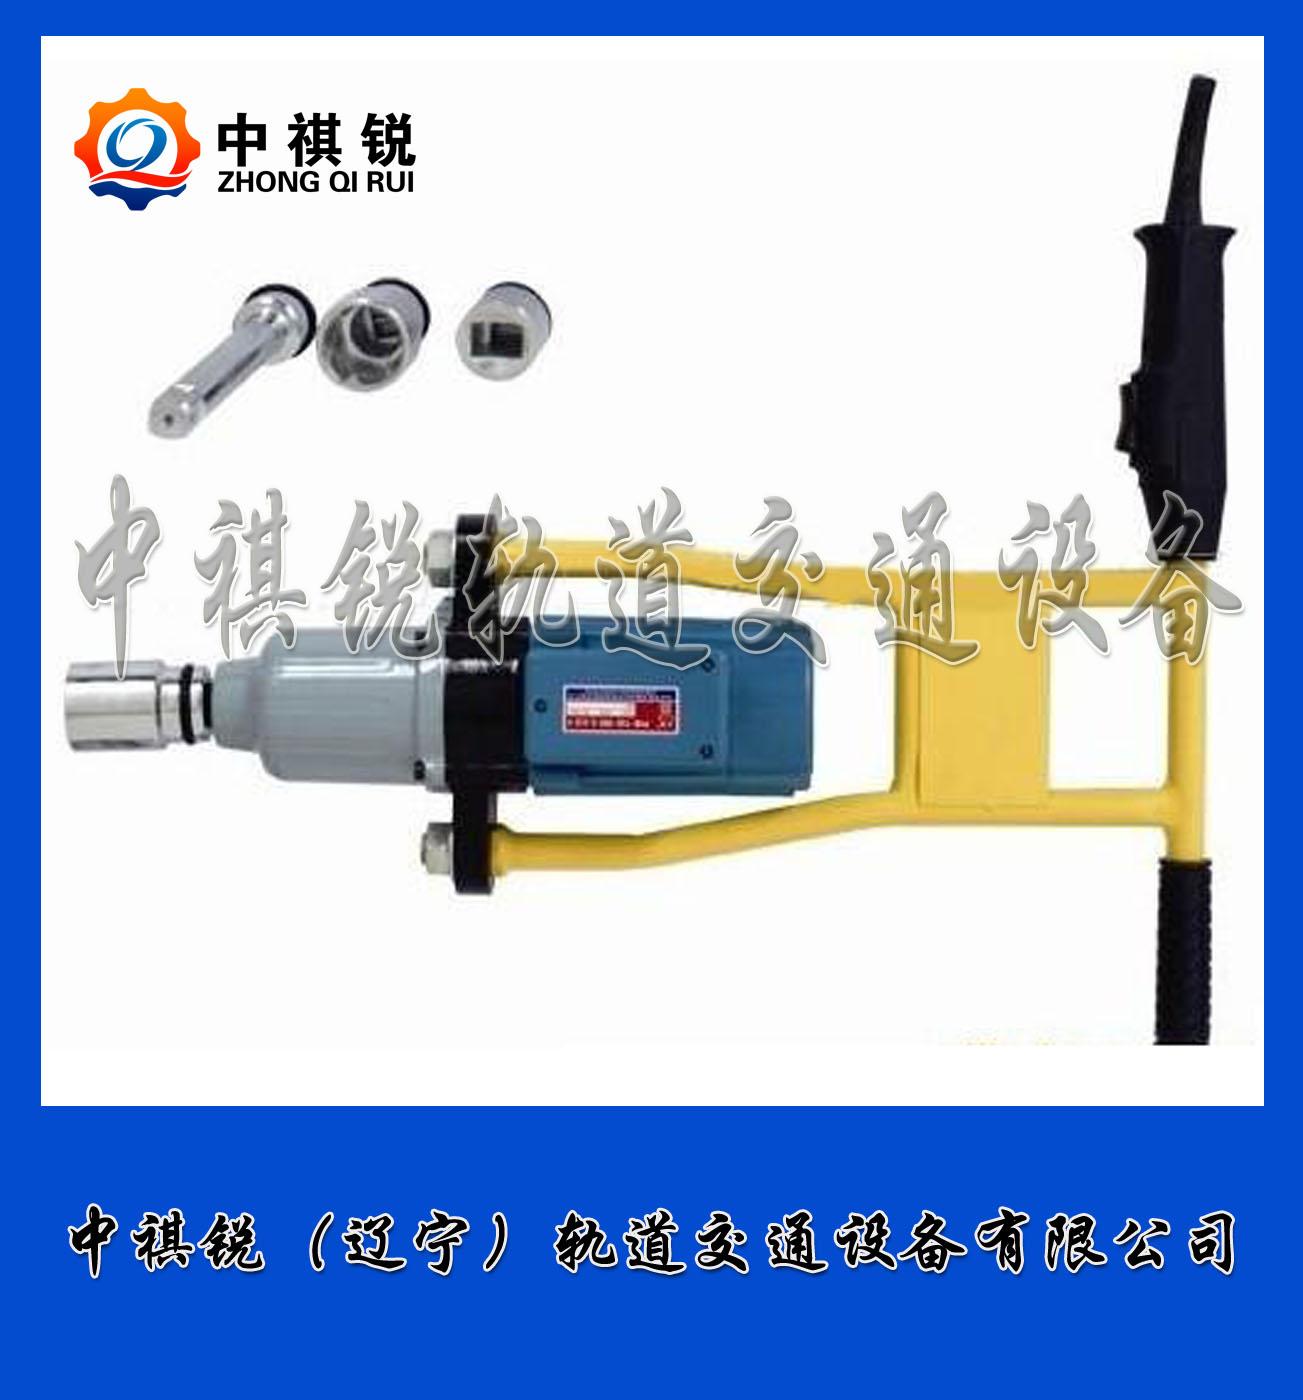 中祺銳、db-m24電動扳手鐵路內燃雙頭扳手鐵路養路設備、工廠